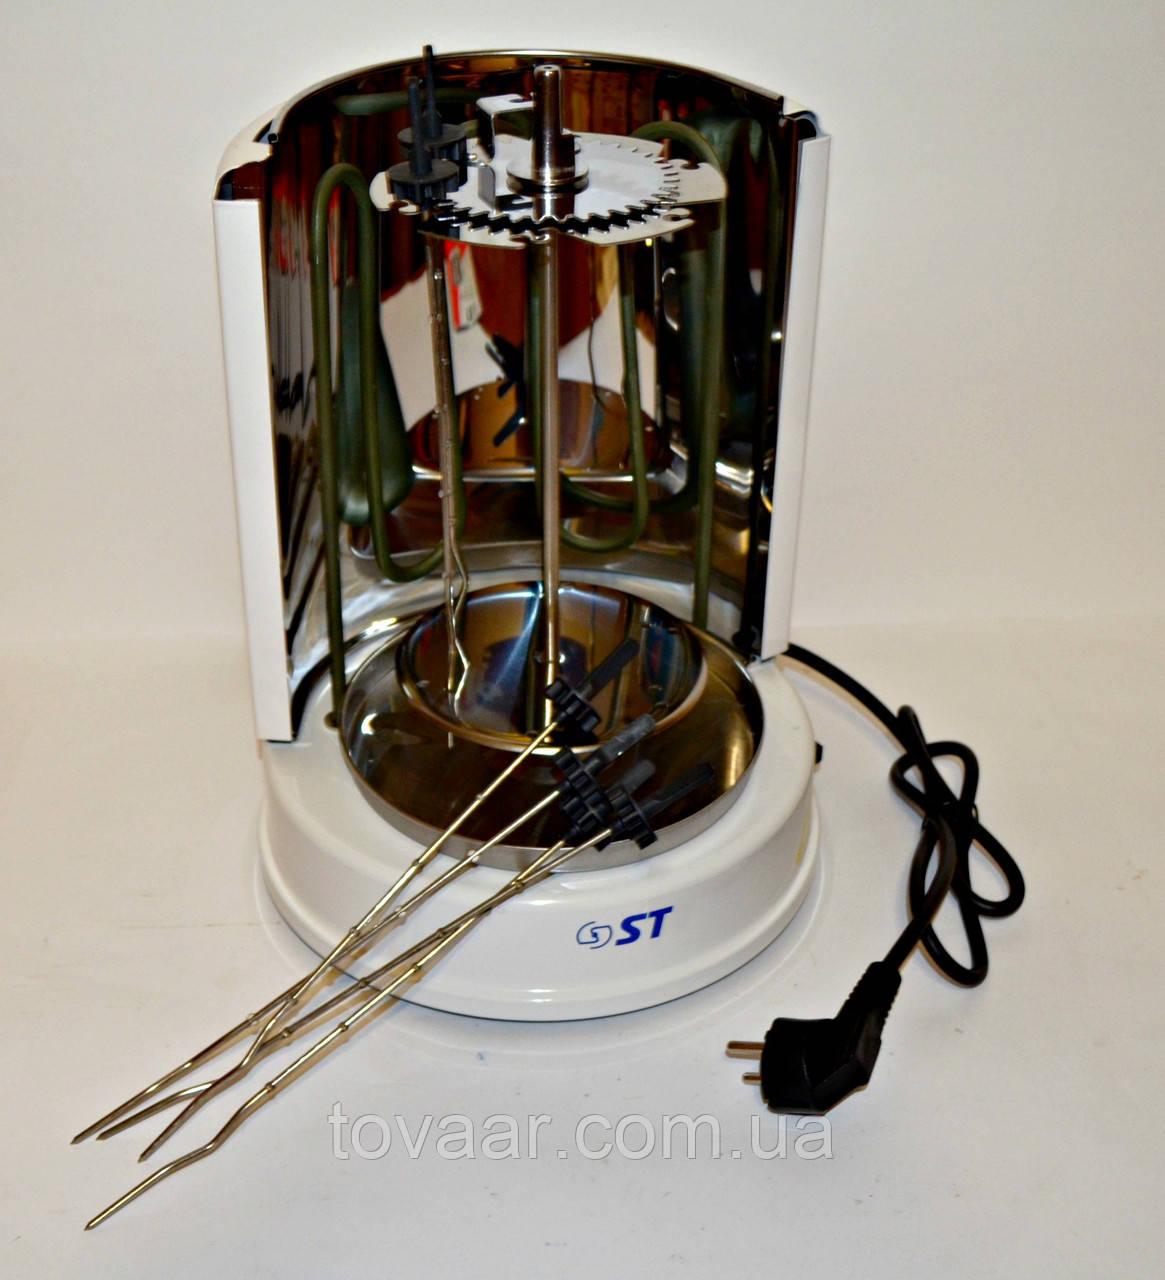 Электрошашлычница ST 60-140-01 с отражателем, 3 в 1